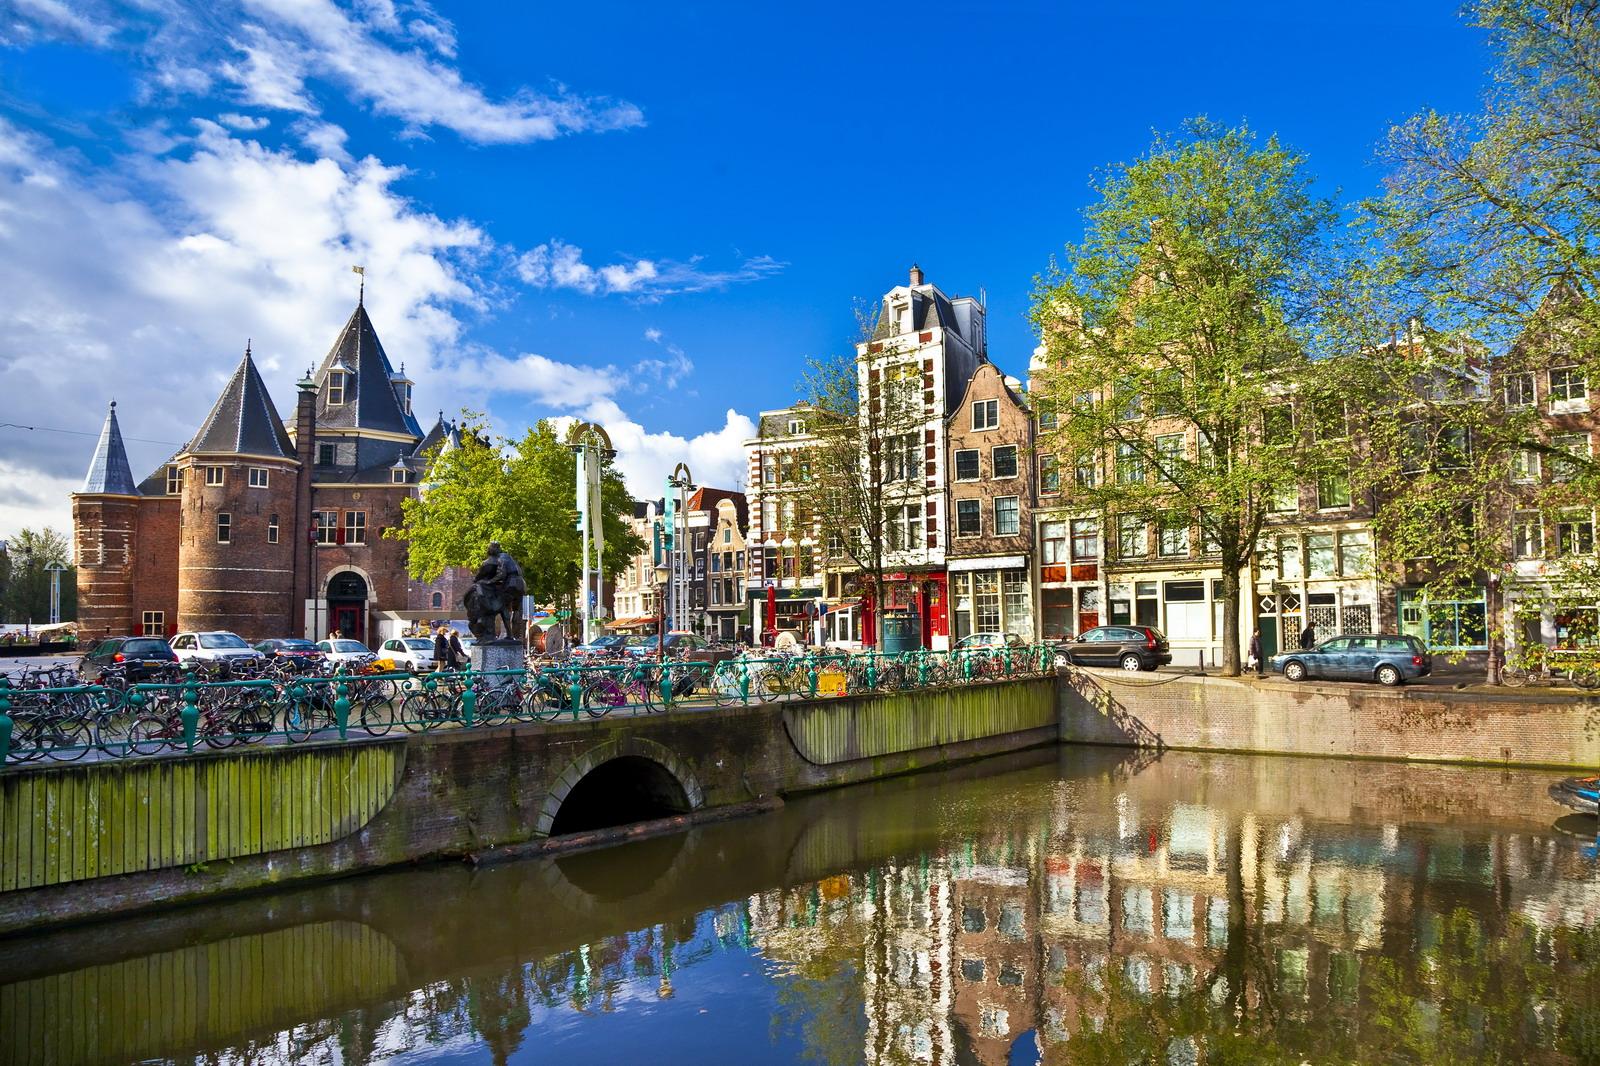 Gita ad Amsterdam: i consigli sulle cose da non fare nella bellissima capitale olandese